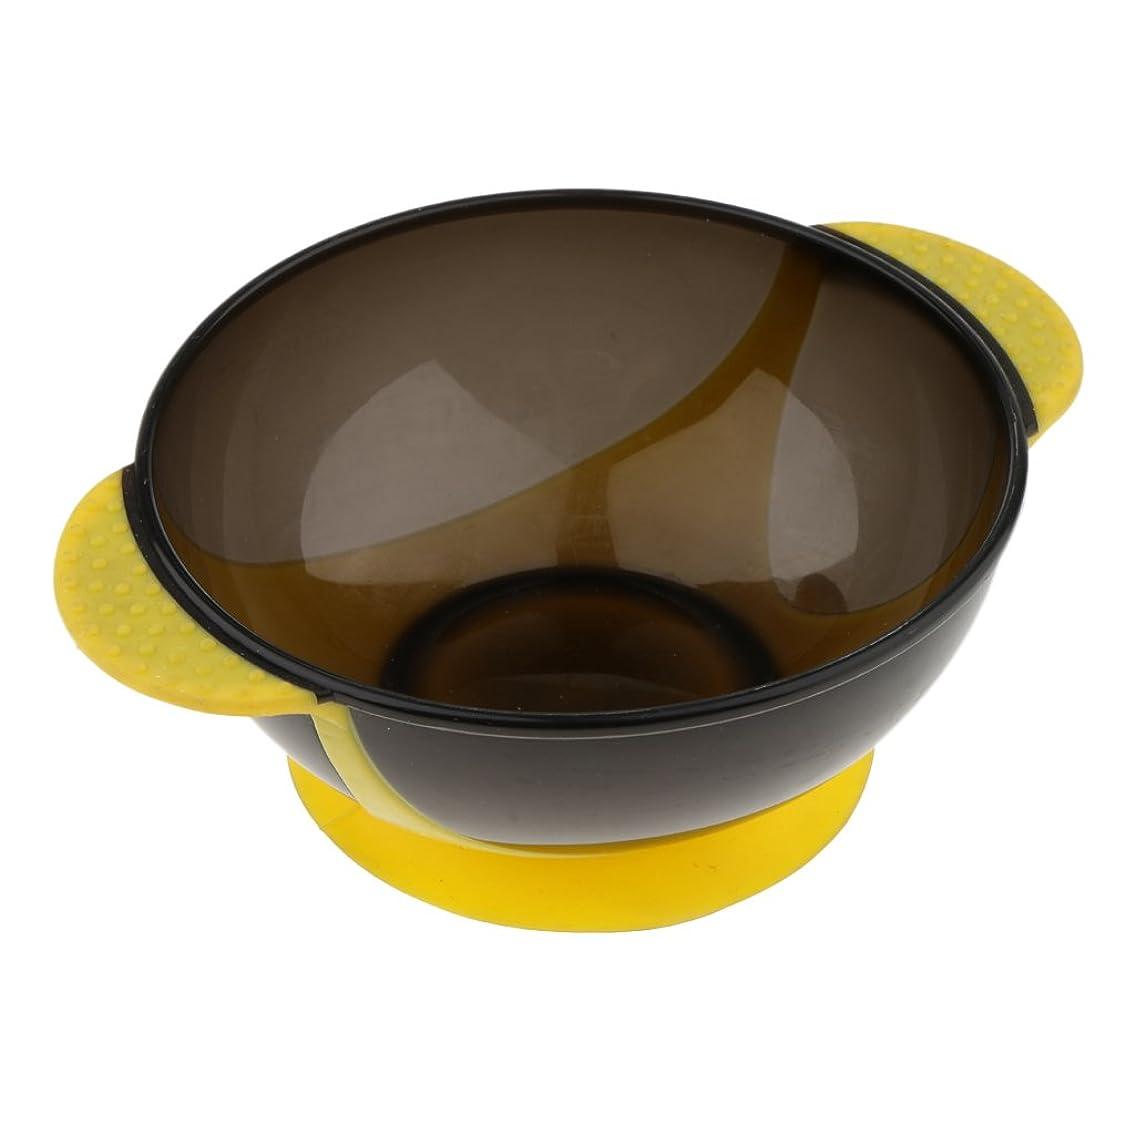 用心地下室ほのかPerfk ヘアダイボウル プラスチック製 サロン 髪染め ミントボウル 着色ツール 吸引ベース 3色選べる - 黄